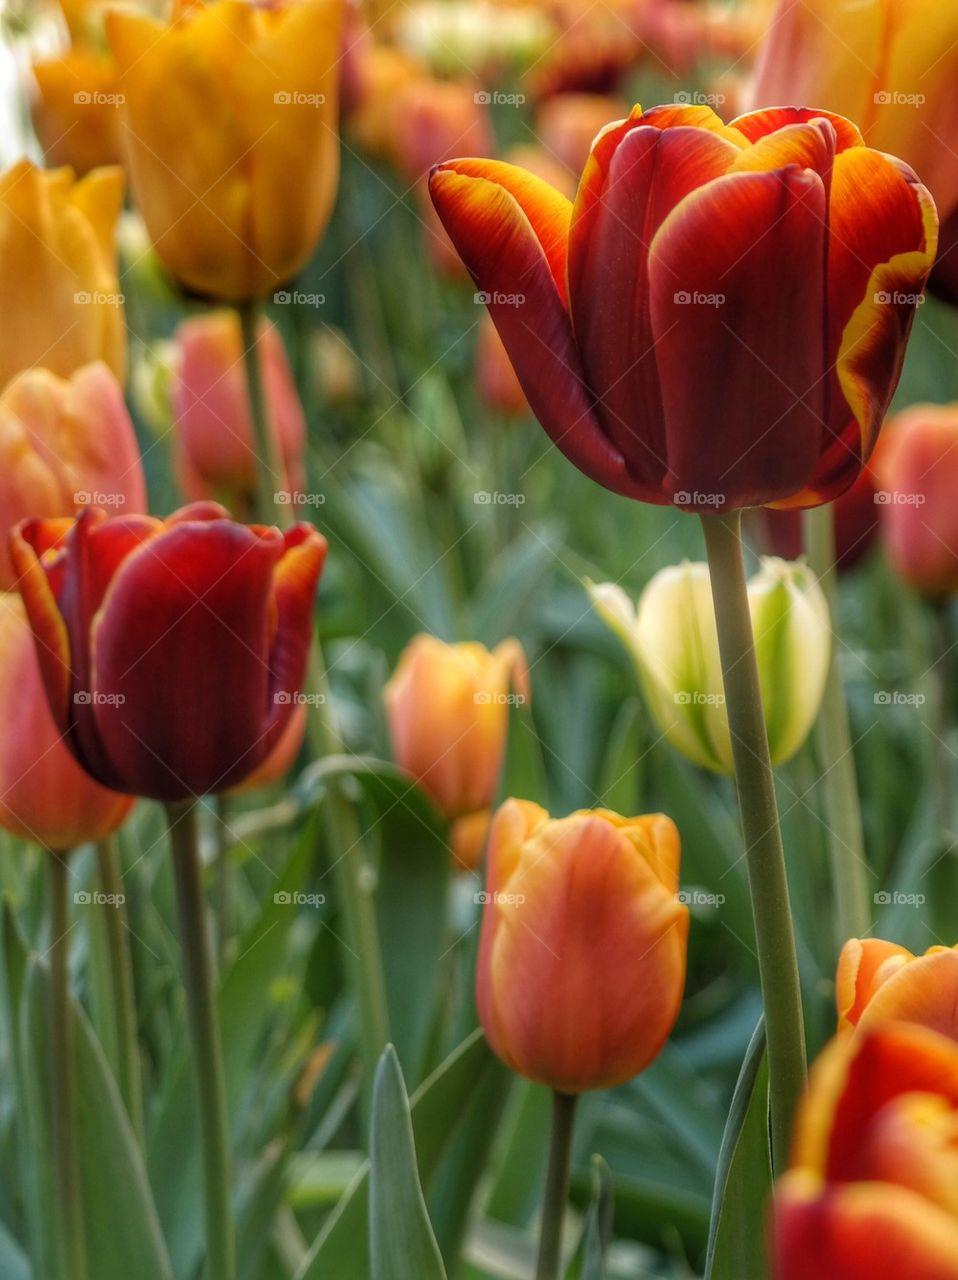 Tulip flowers blooming in spring